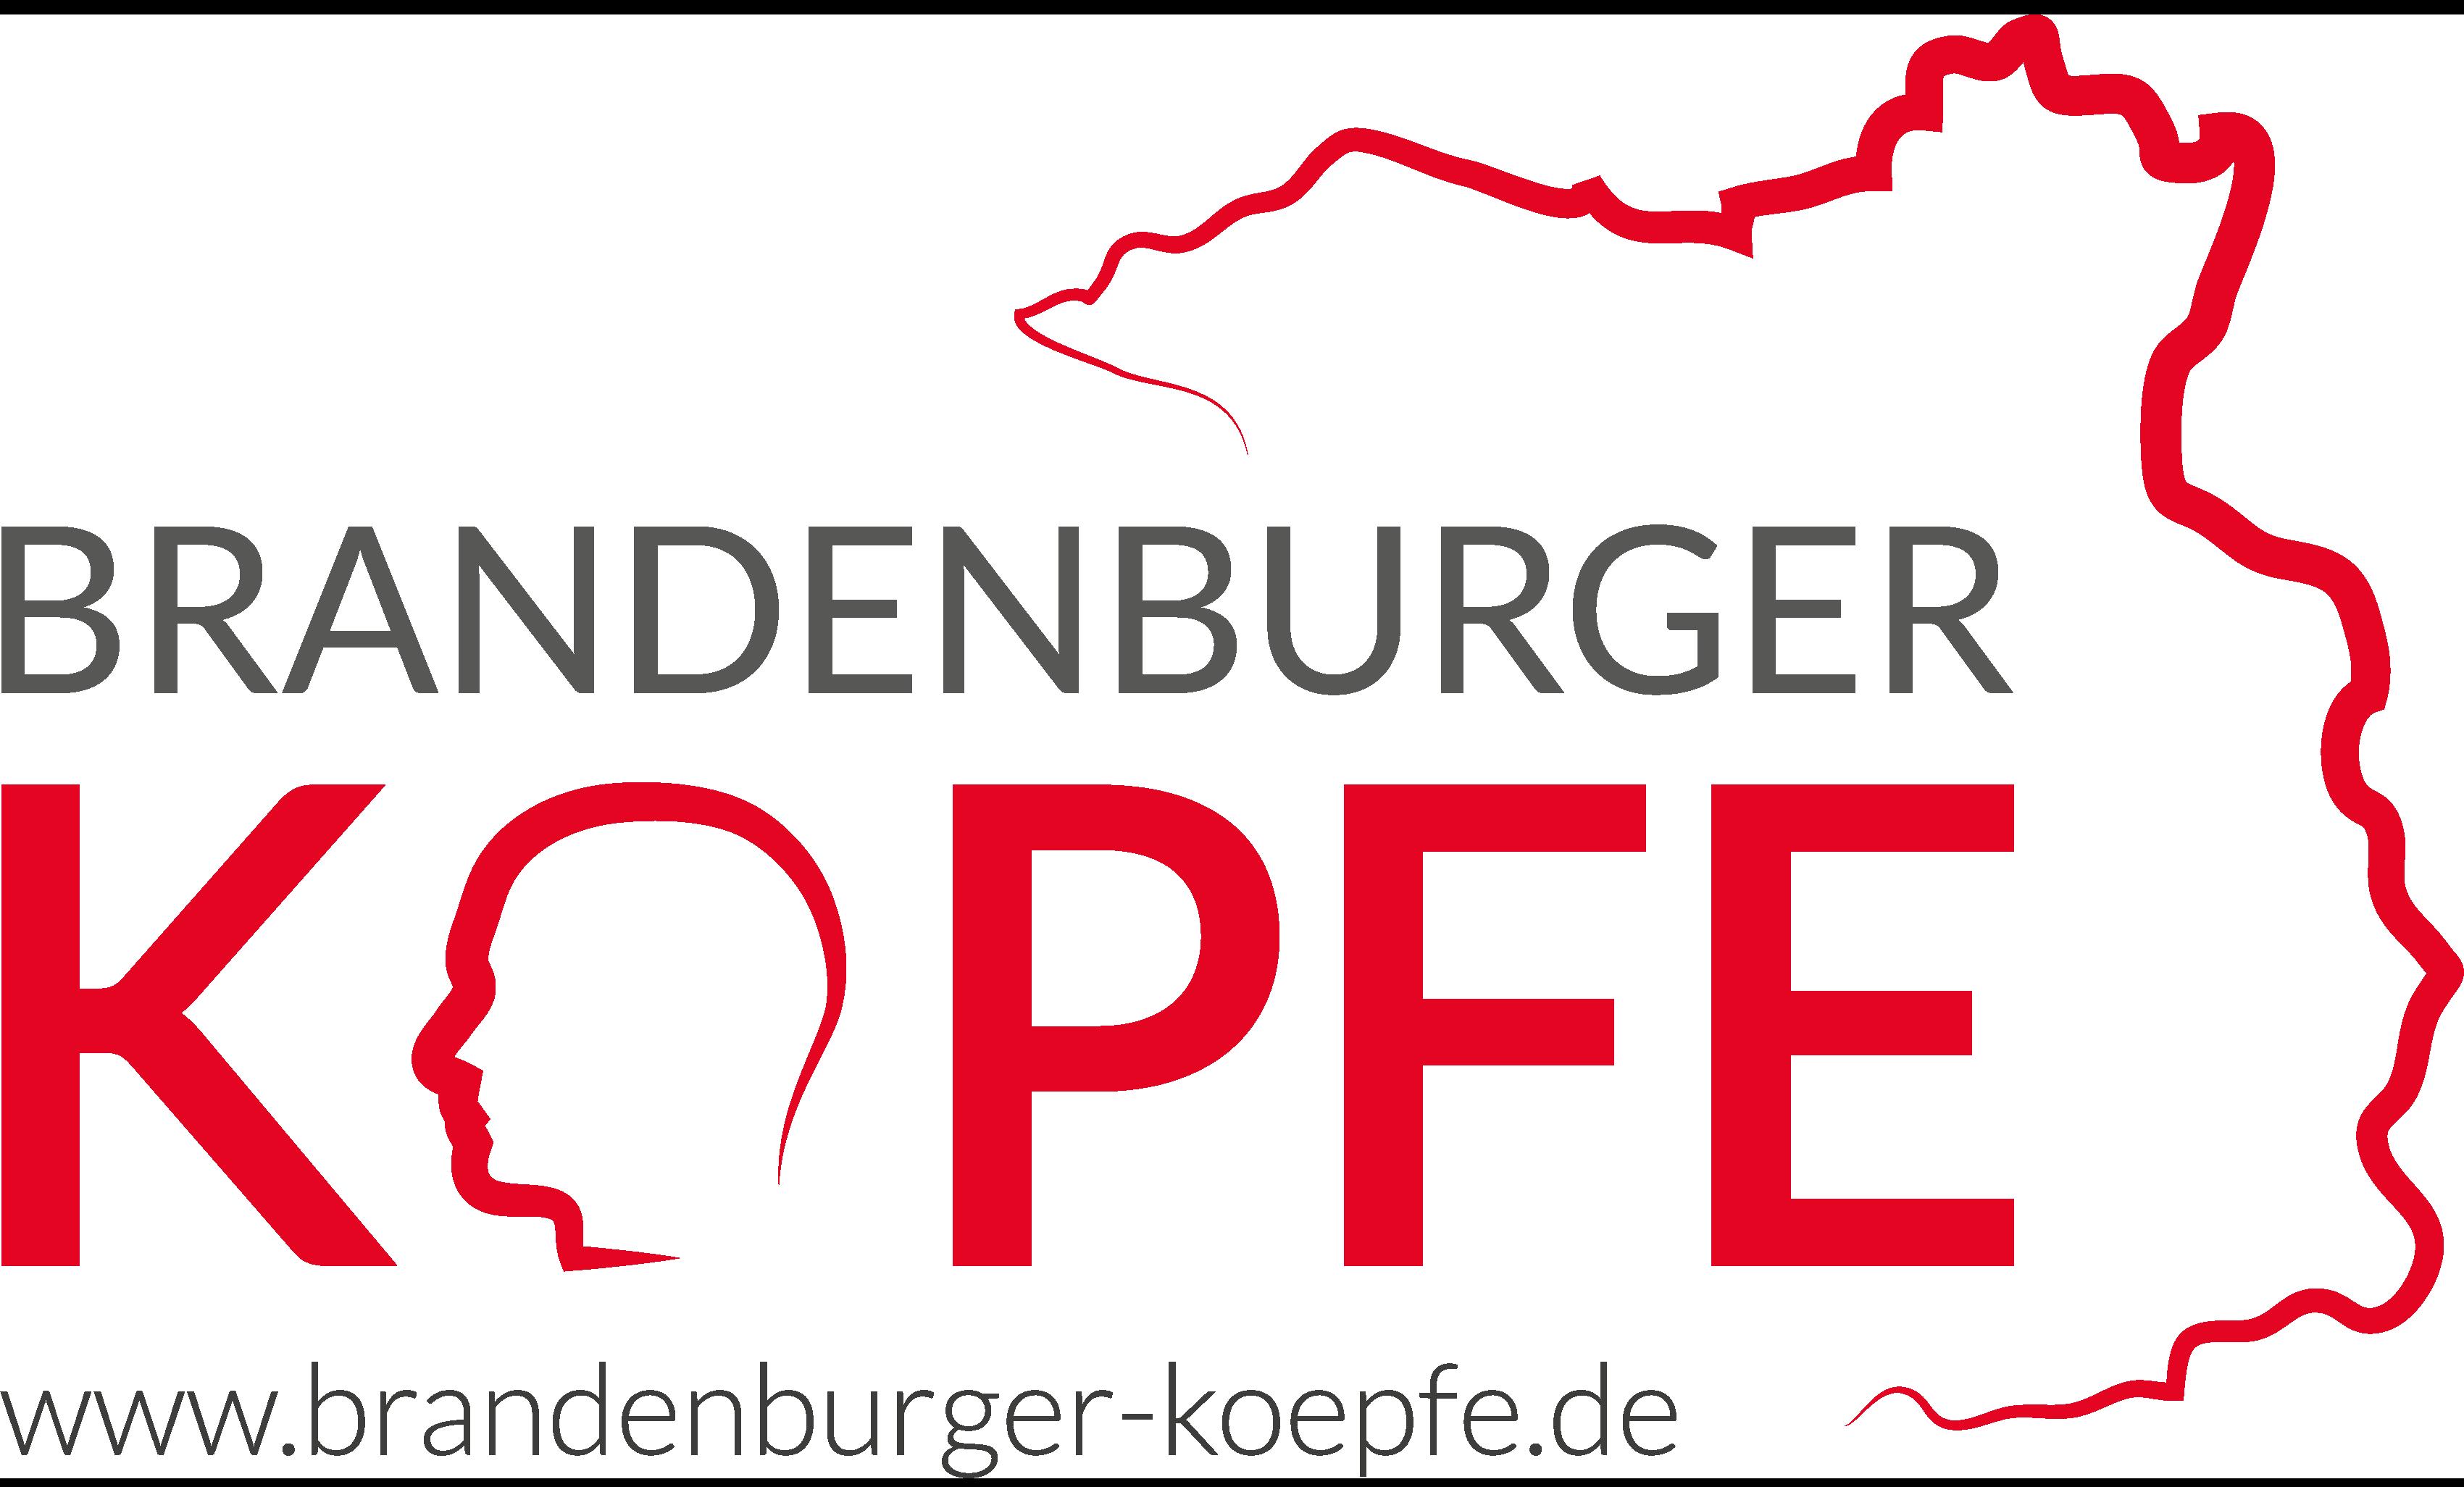 Brandenburger Köpfe Logo